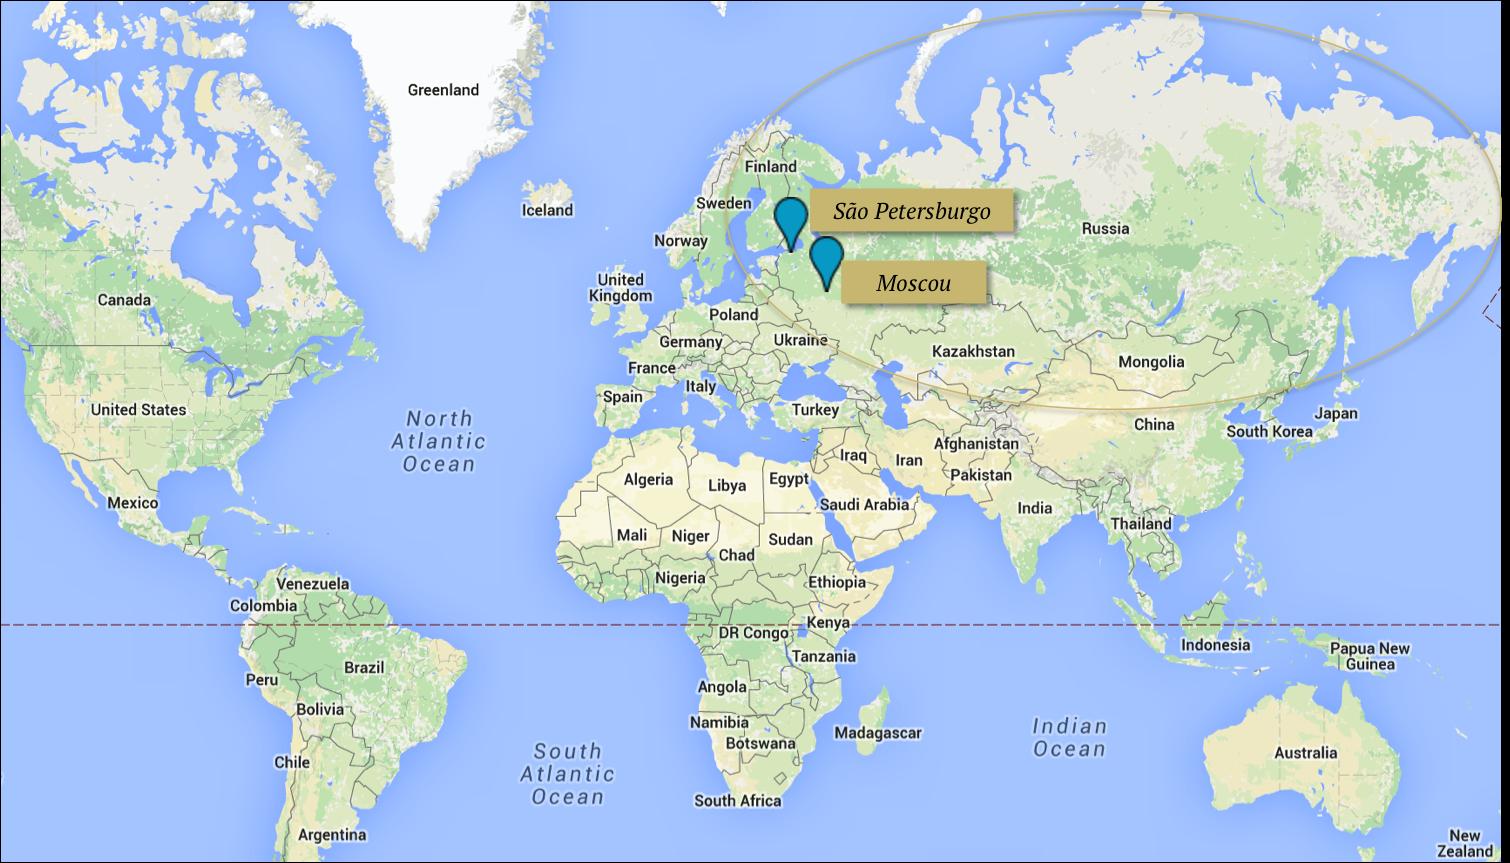 mapa-russia-moscou-sao-petersburgo-dicas-de-viagem